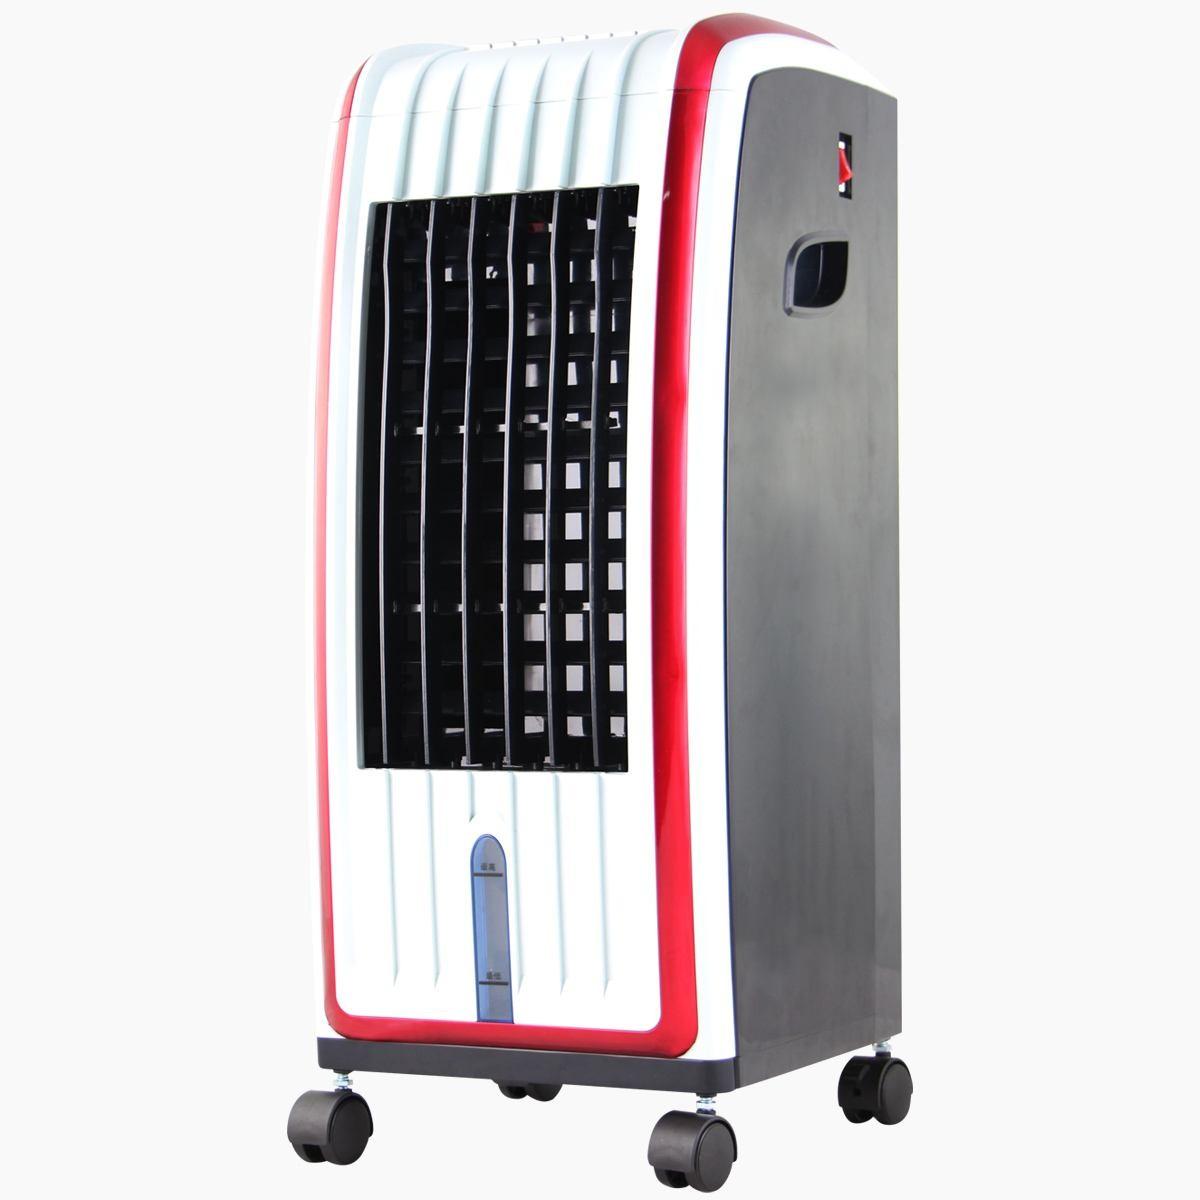 冷暖空调扇排行榜—冷暖空调扇品牌介绍